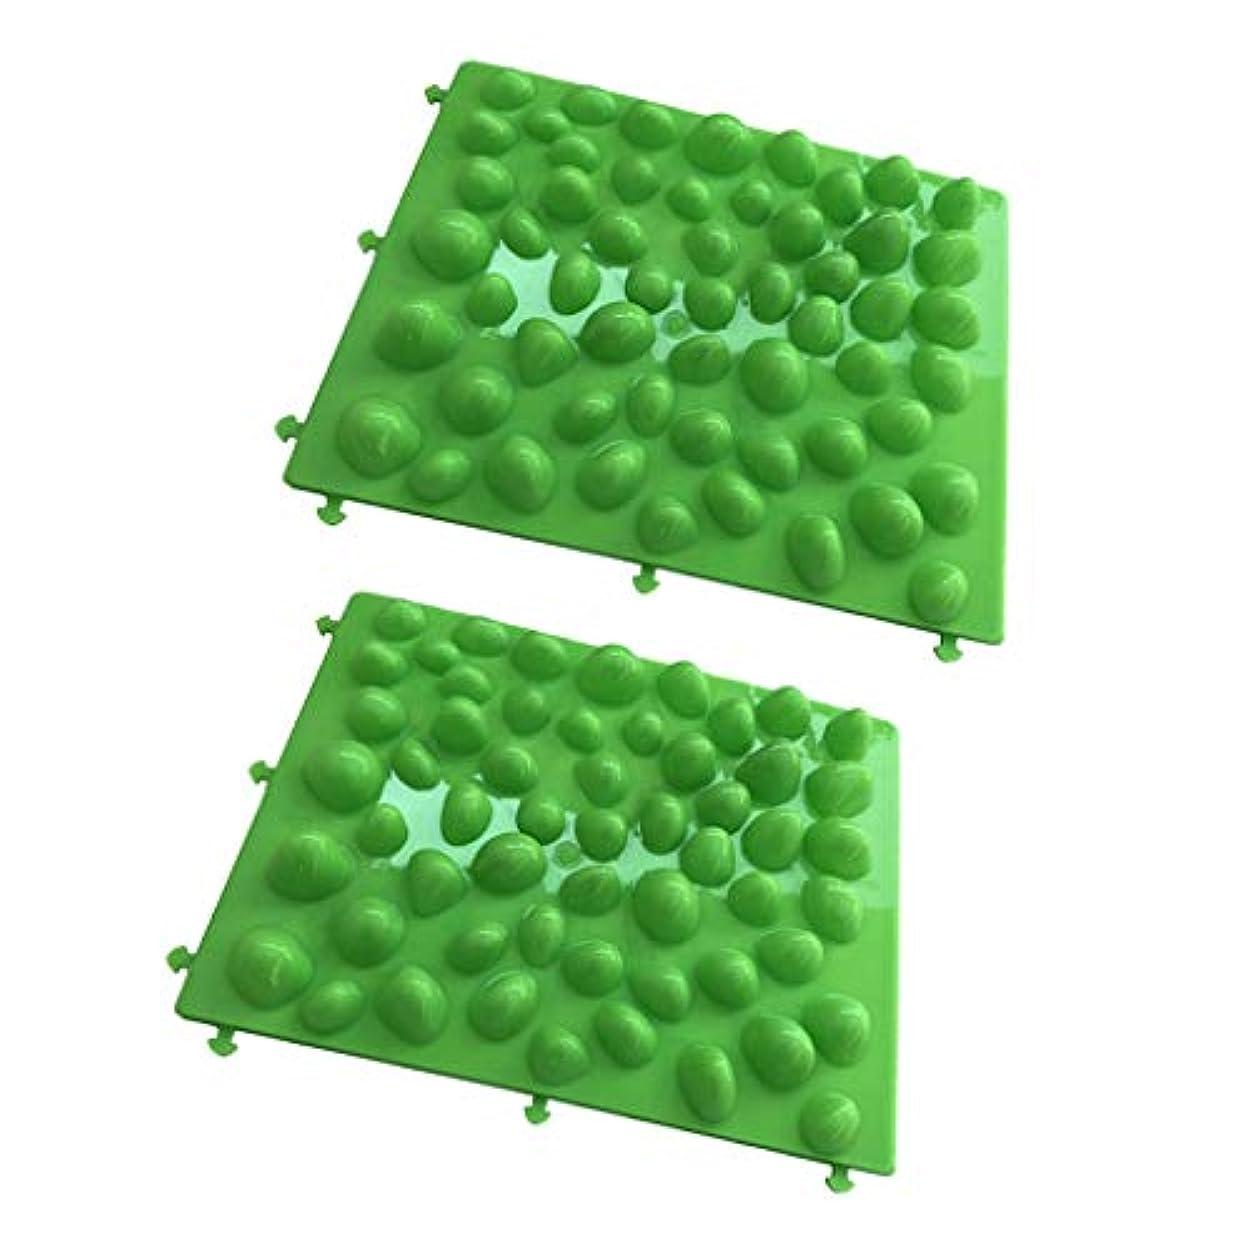 見積り現実には処方2個 フットマッサージパッド 足つぼマッサージパッド フットマッサージ 人工石 血行促進 ツボ押し